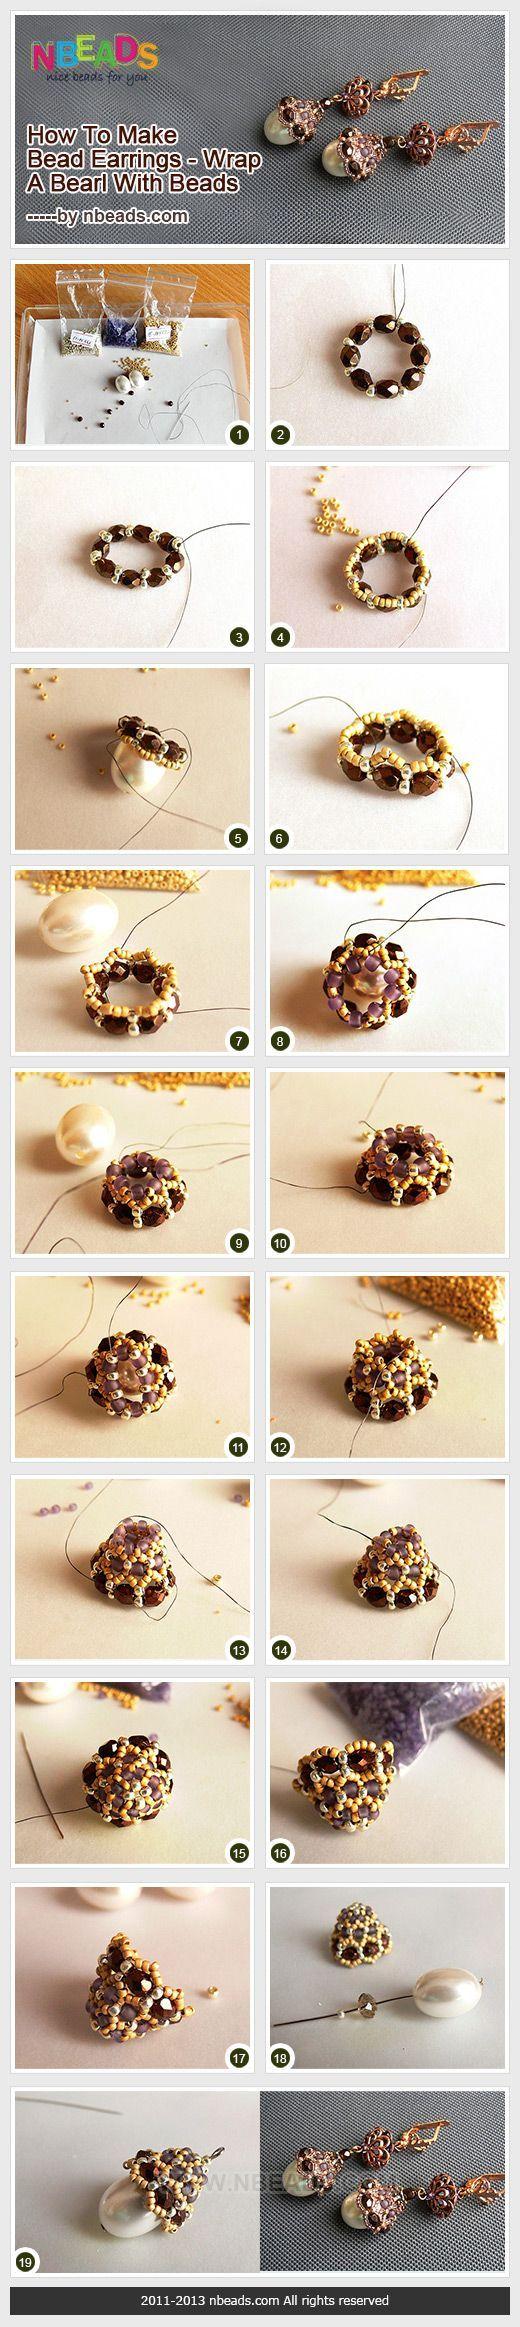 how to make bead cap earrings #Seed #Bead #Tutorials